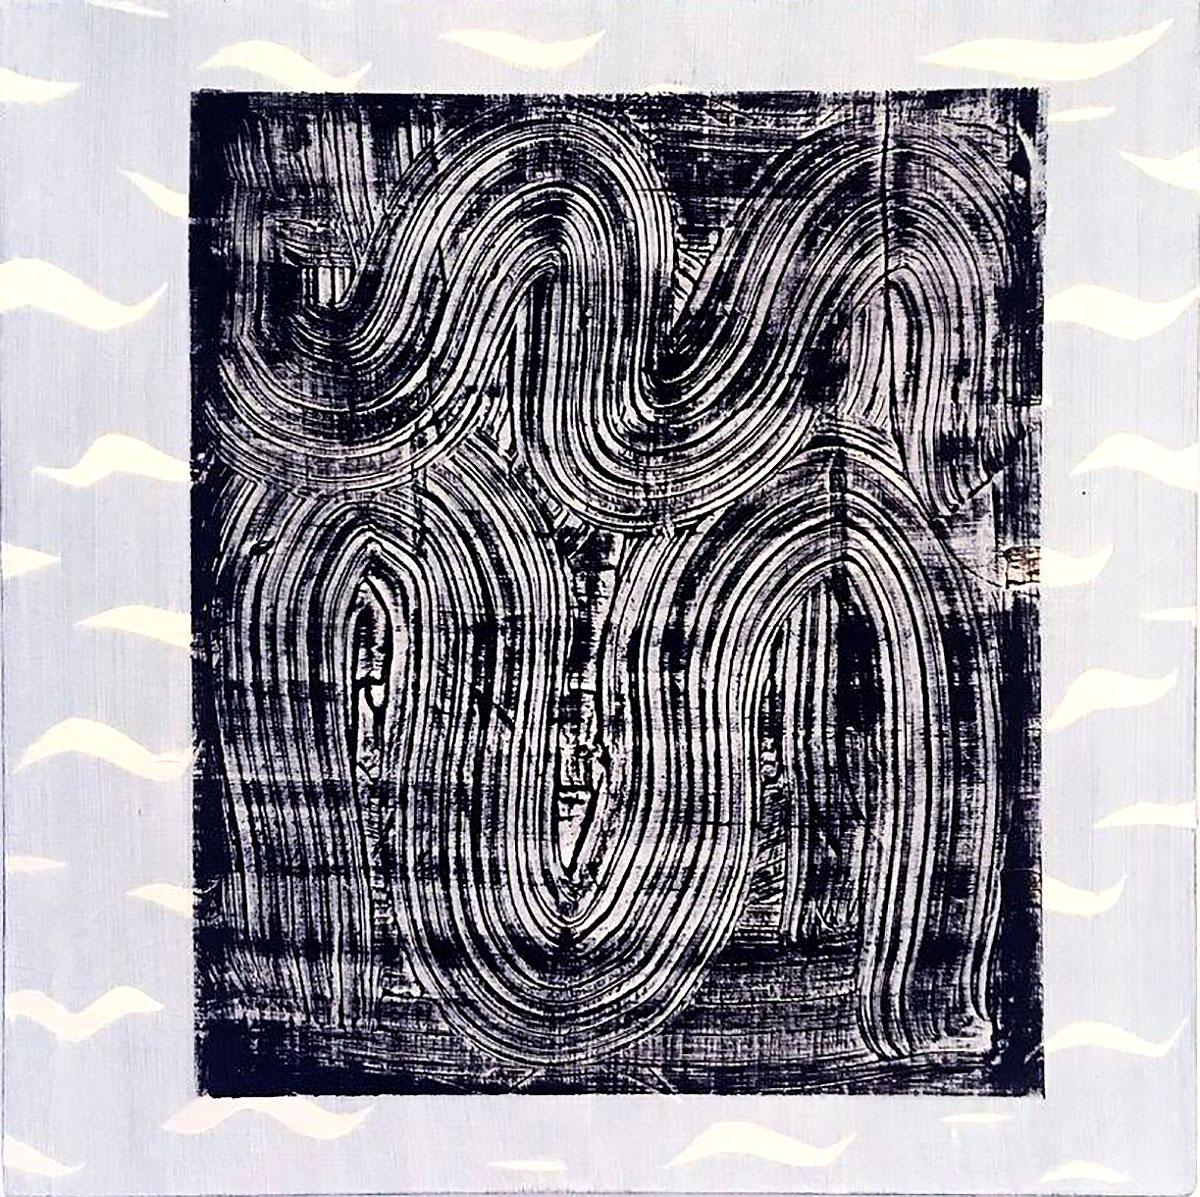 Charlotte Roseberry - Dark Wave, oil on panel